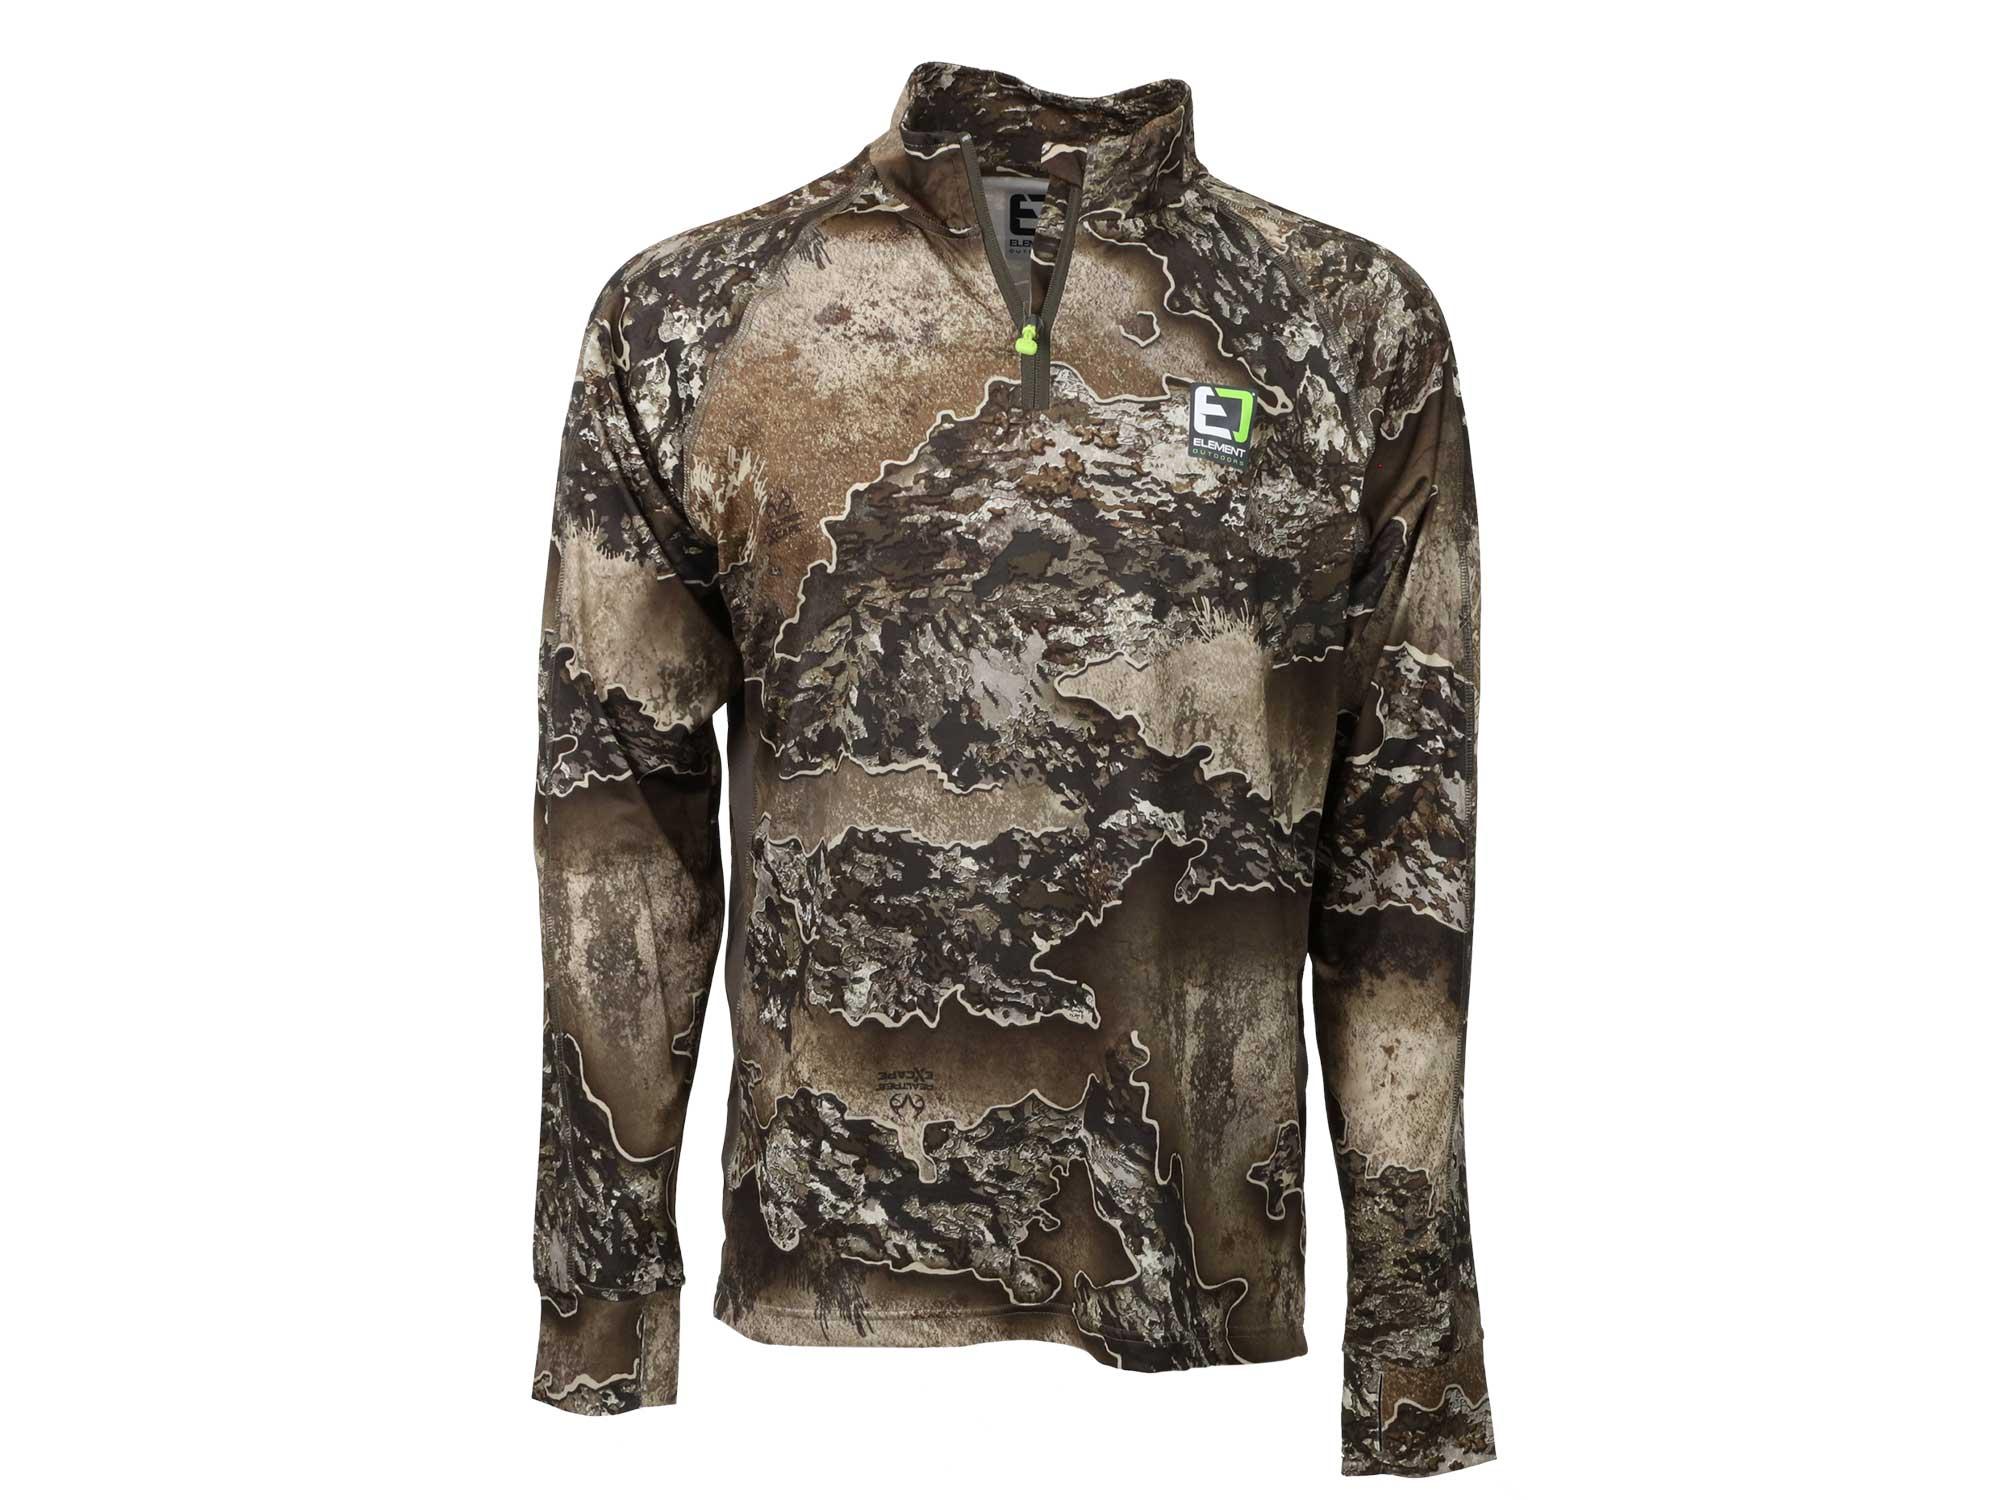 Element Outdoors Drive Series shirt